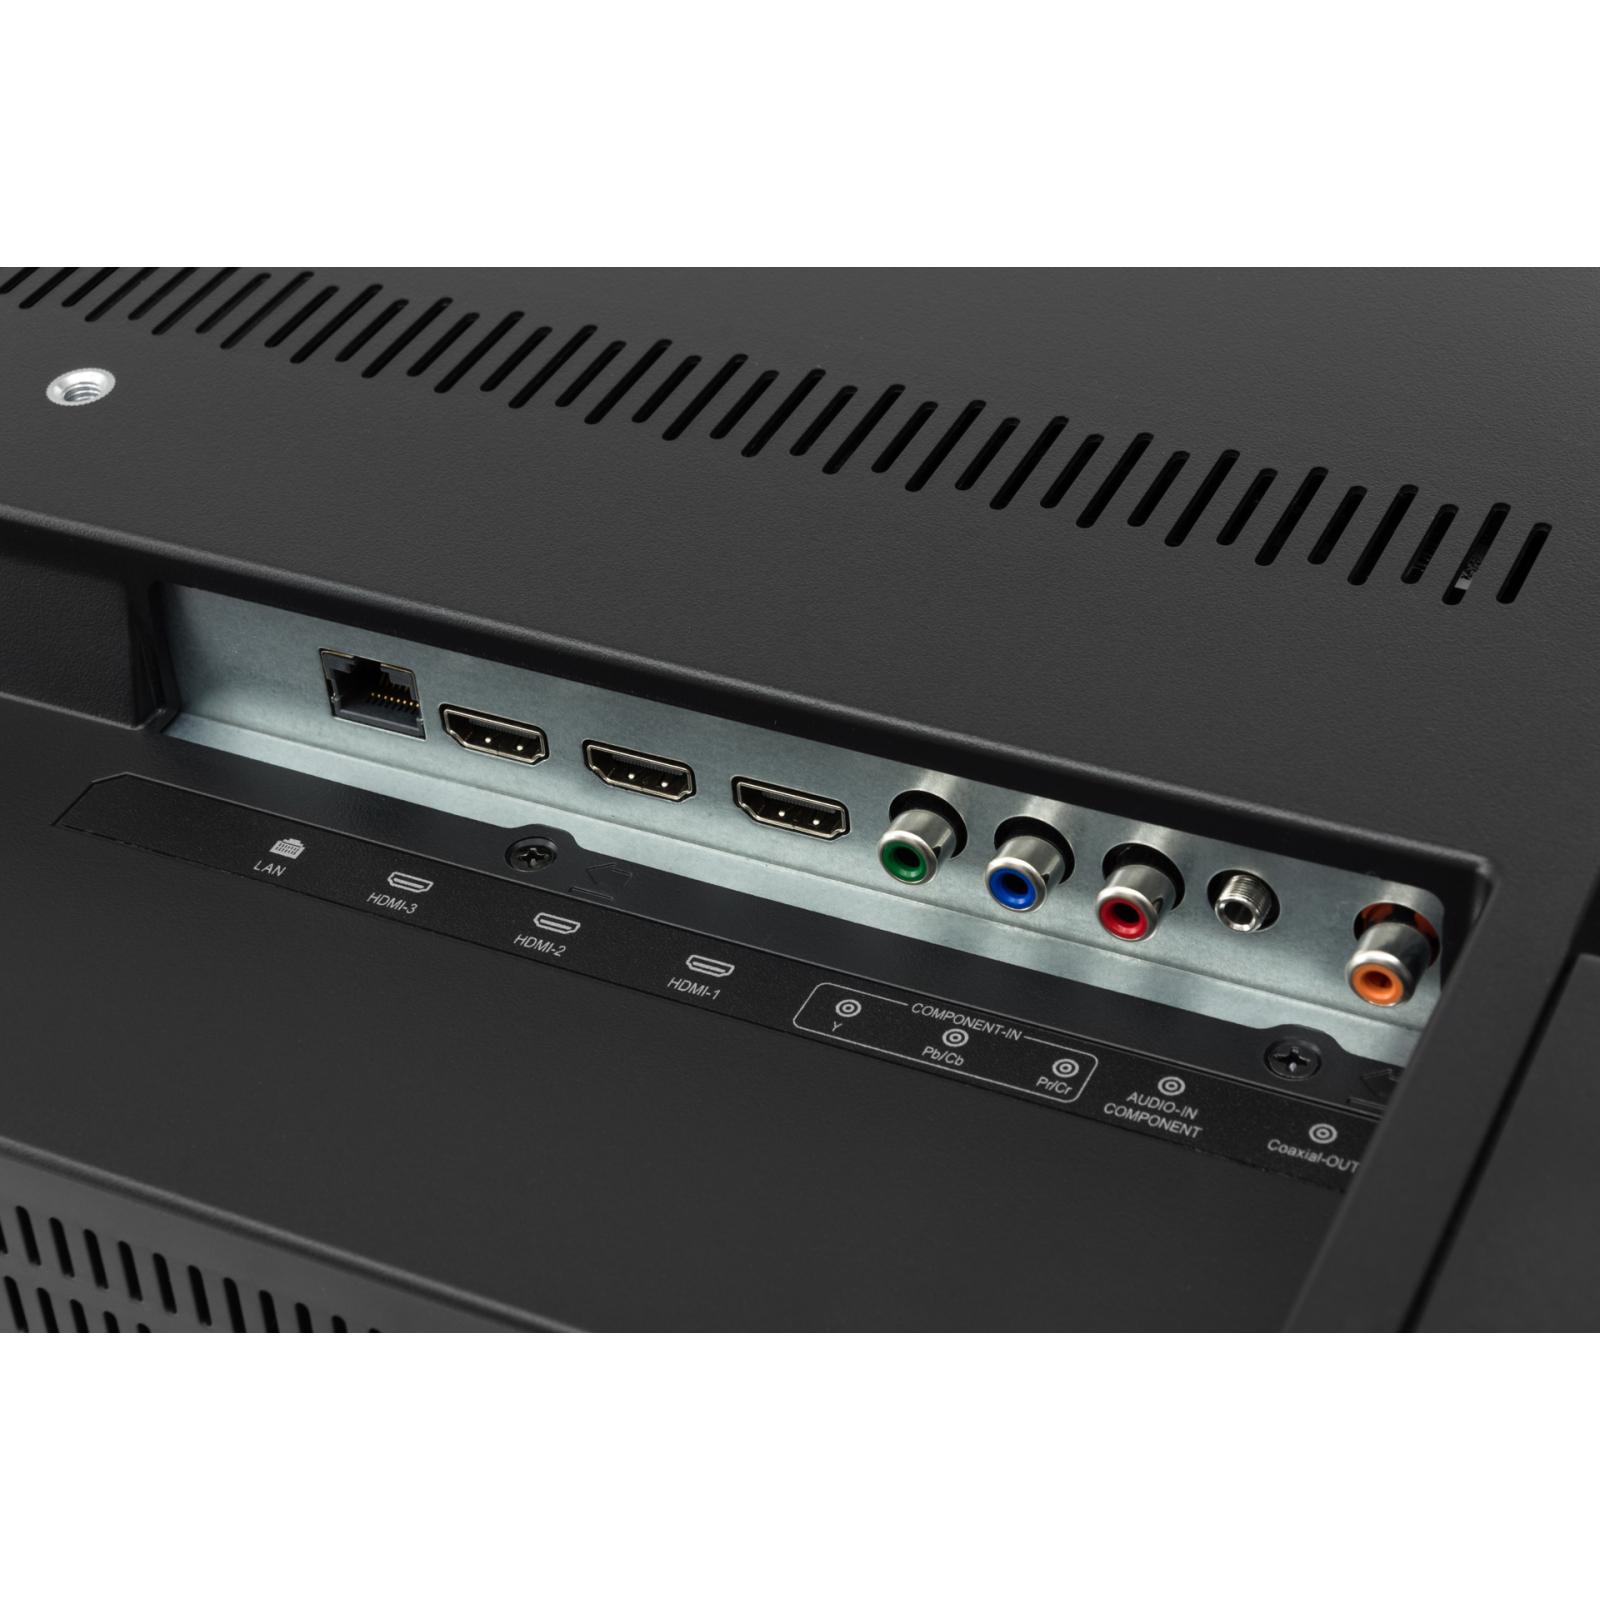 Телевізор Vinga S55UHD20B зображення 11